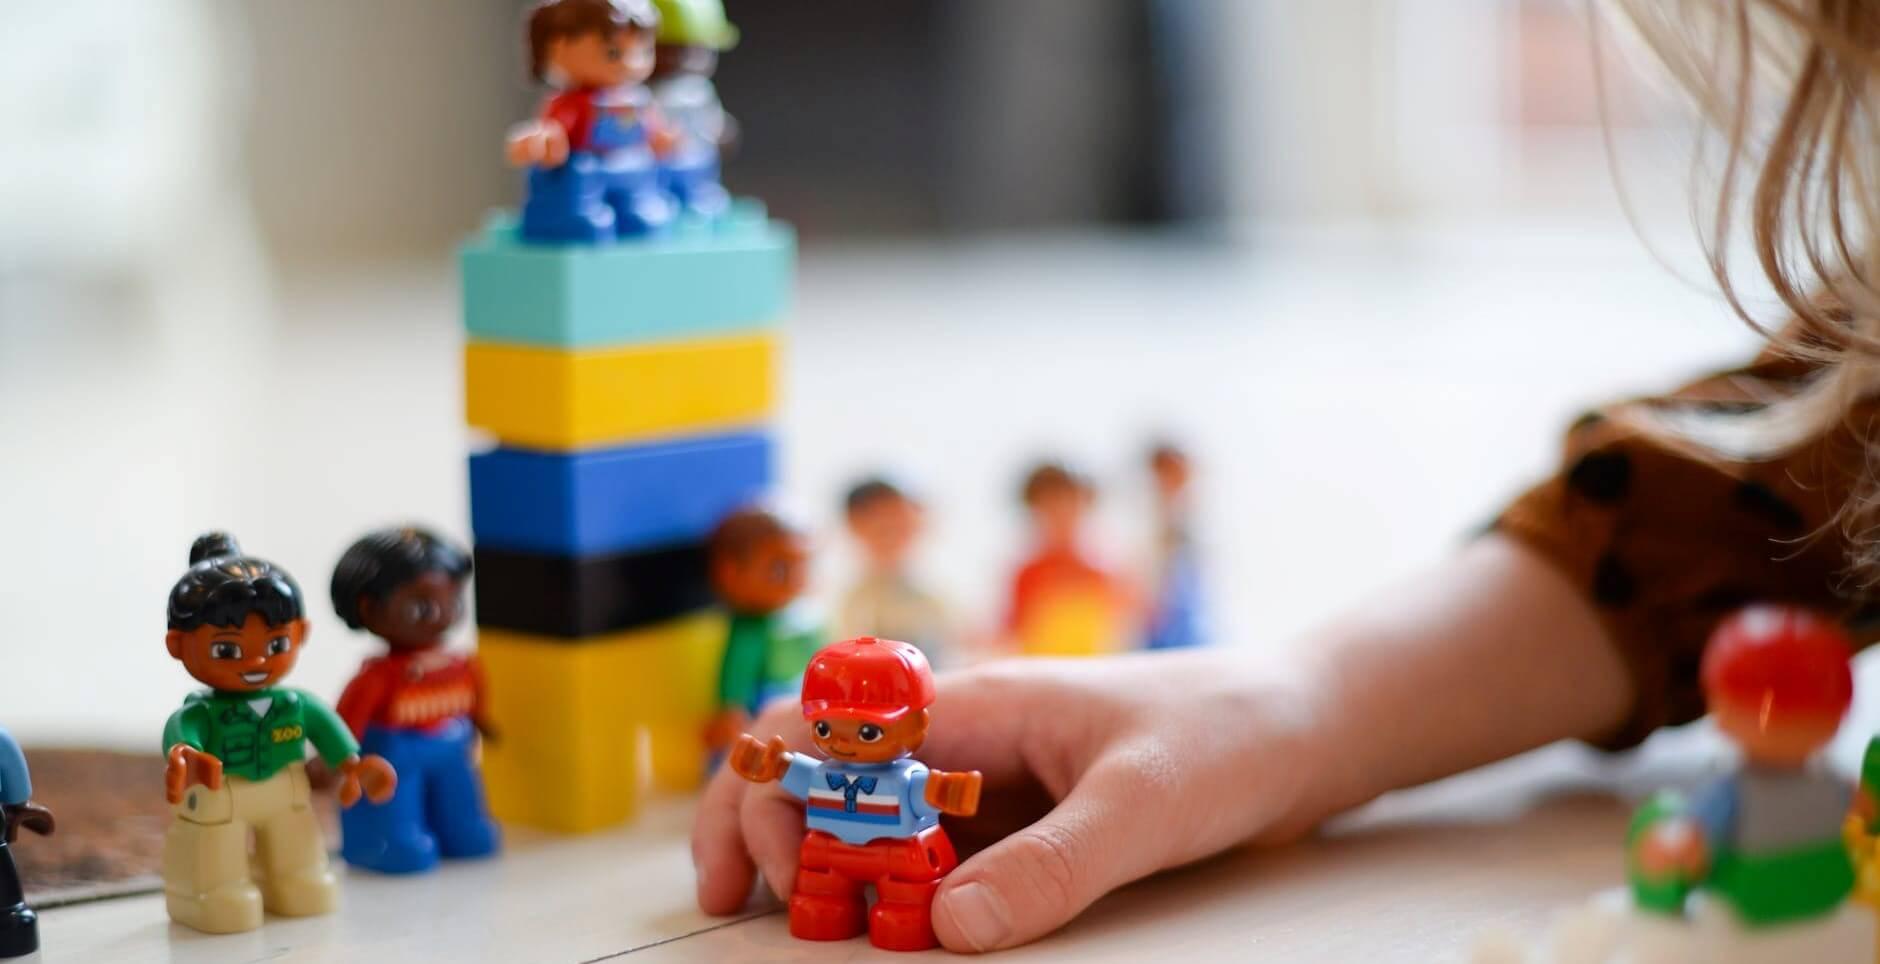 Phát Triển Mục Tiêu Học Thuật Của Trẻ